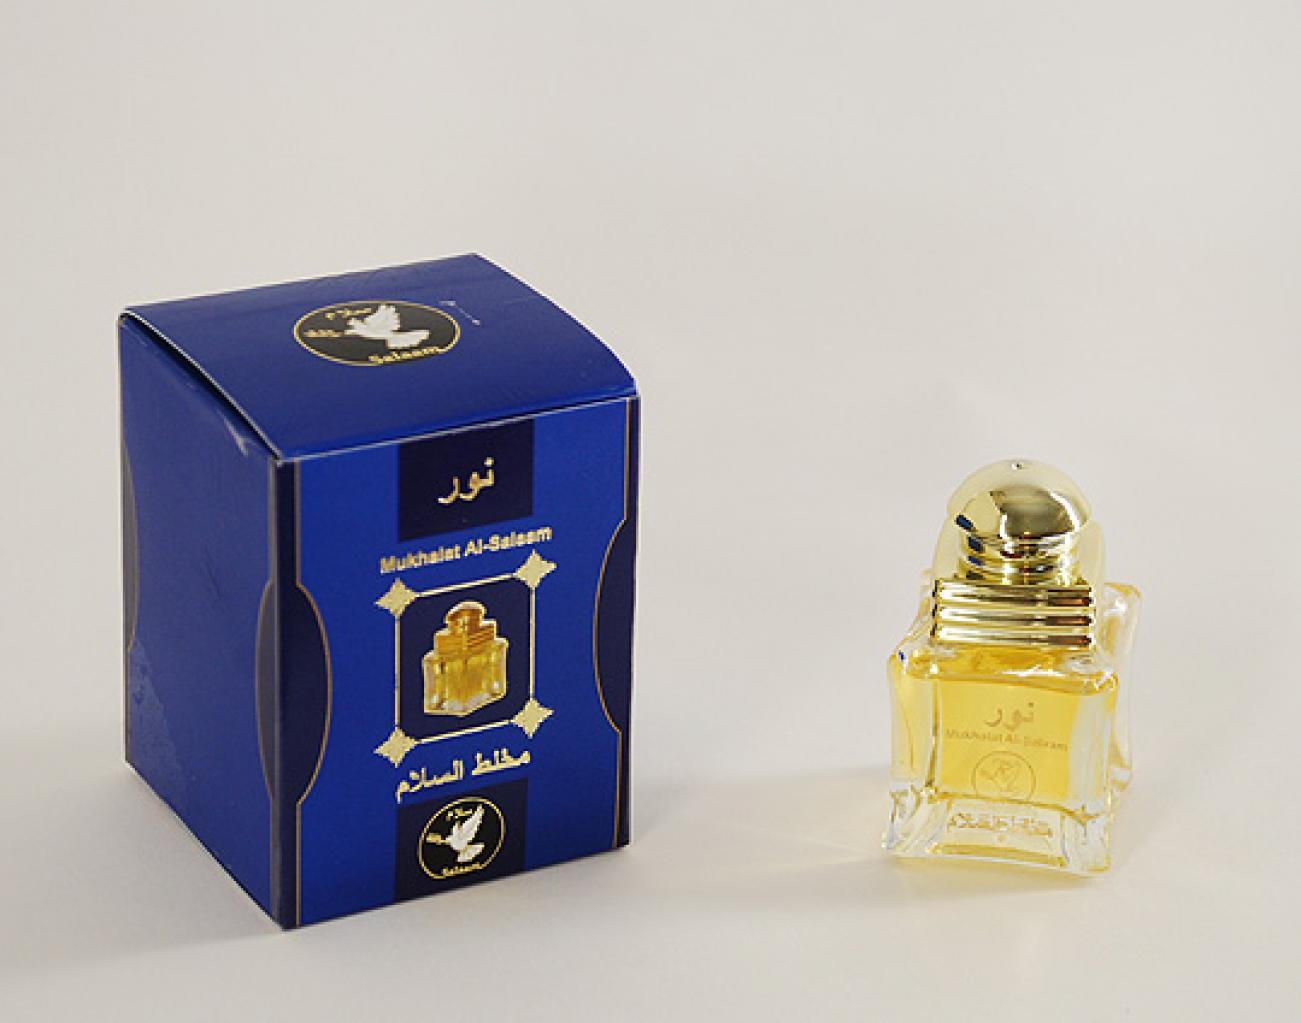 Mukhalat Al-Salaam Noor Oil in264